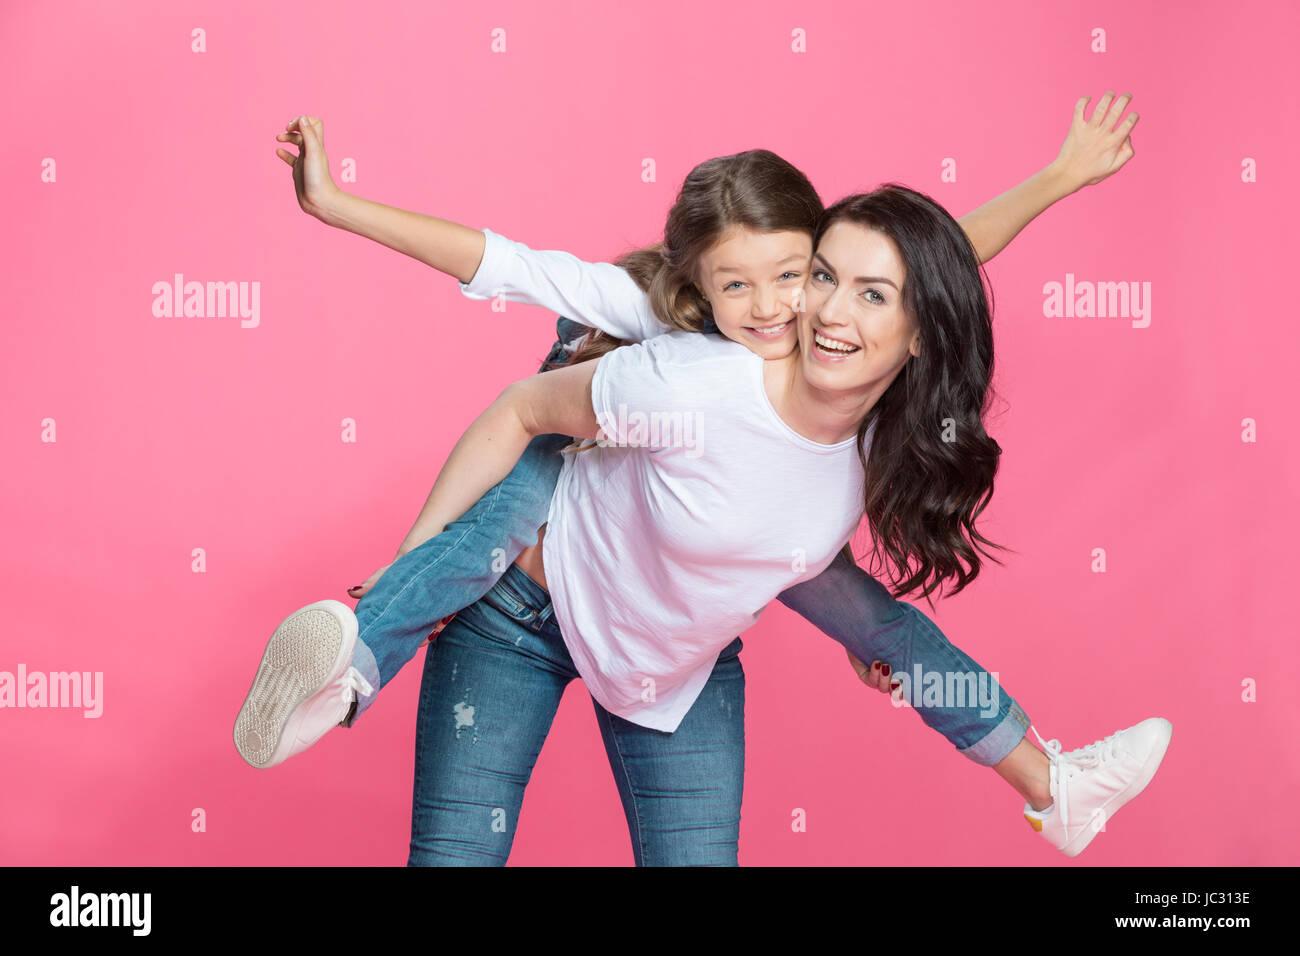 Glückliche Mutter Huckepack entzückende kleine Tochter lächelnd in die Kamera Stockbild